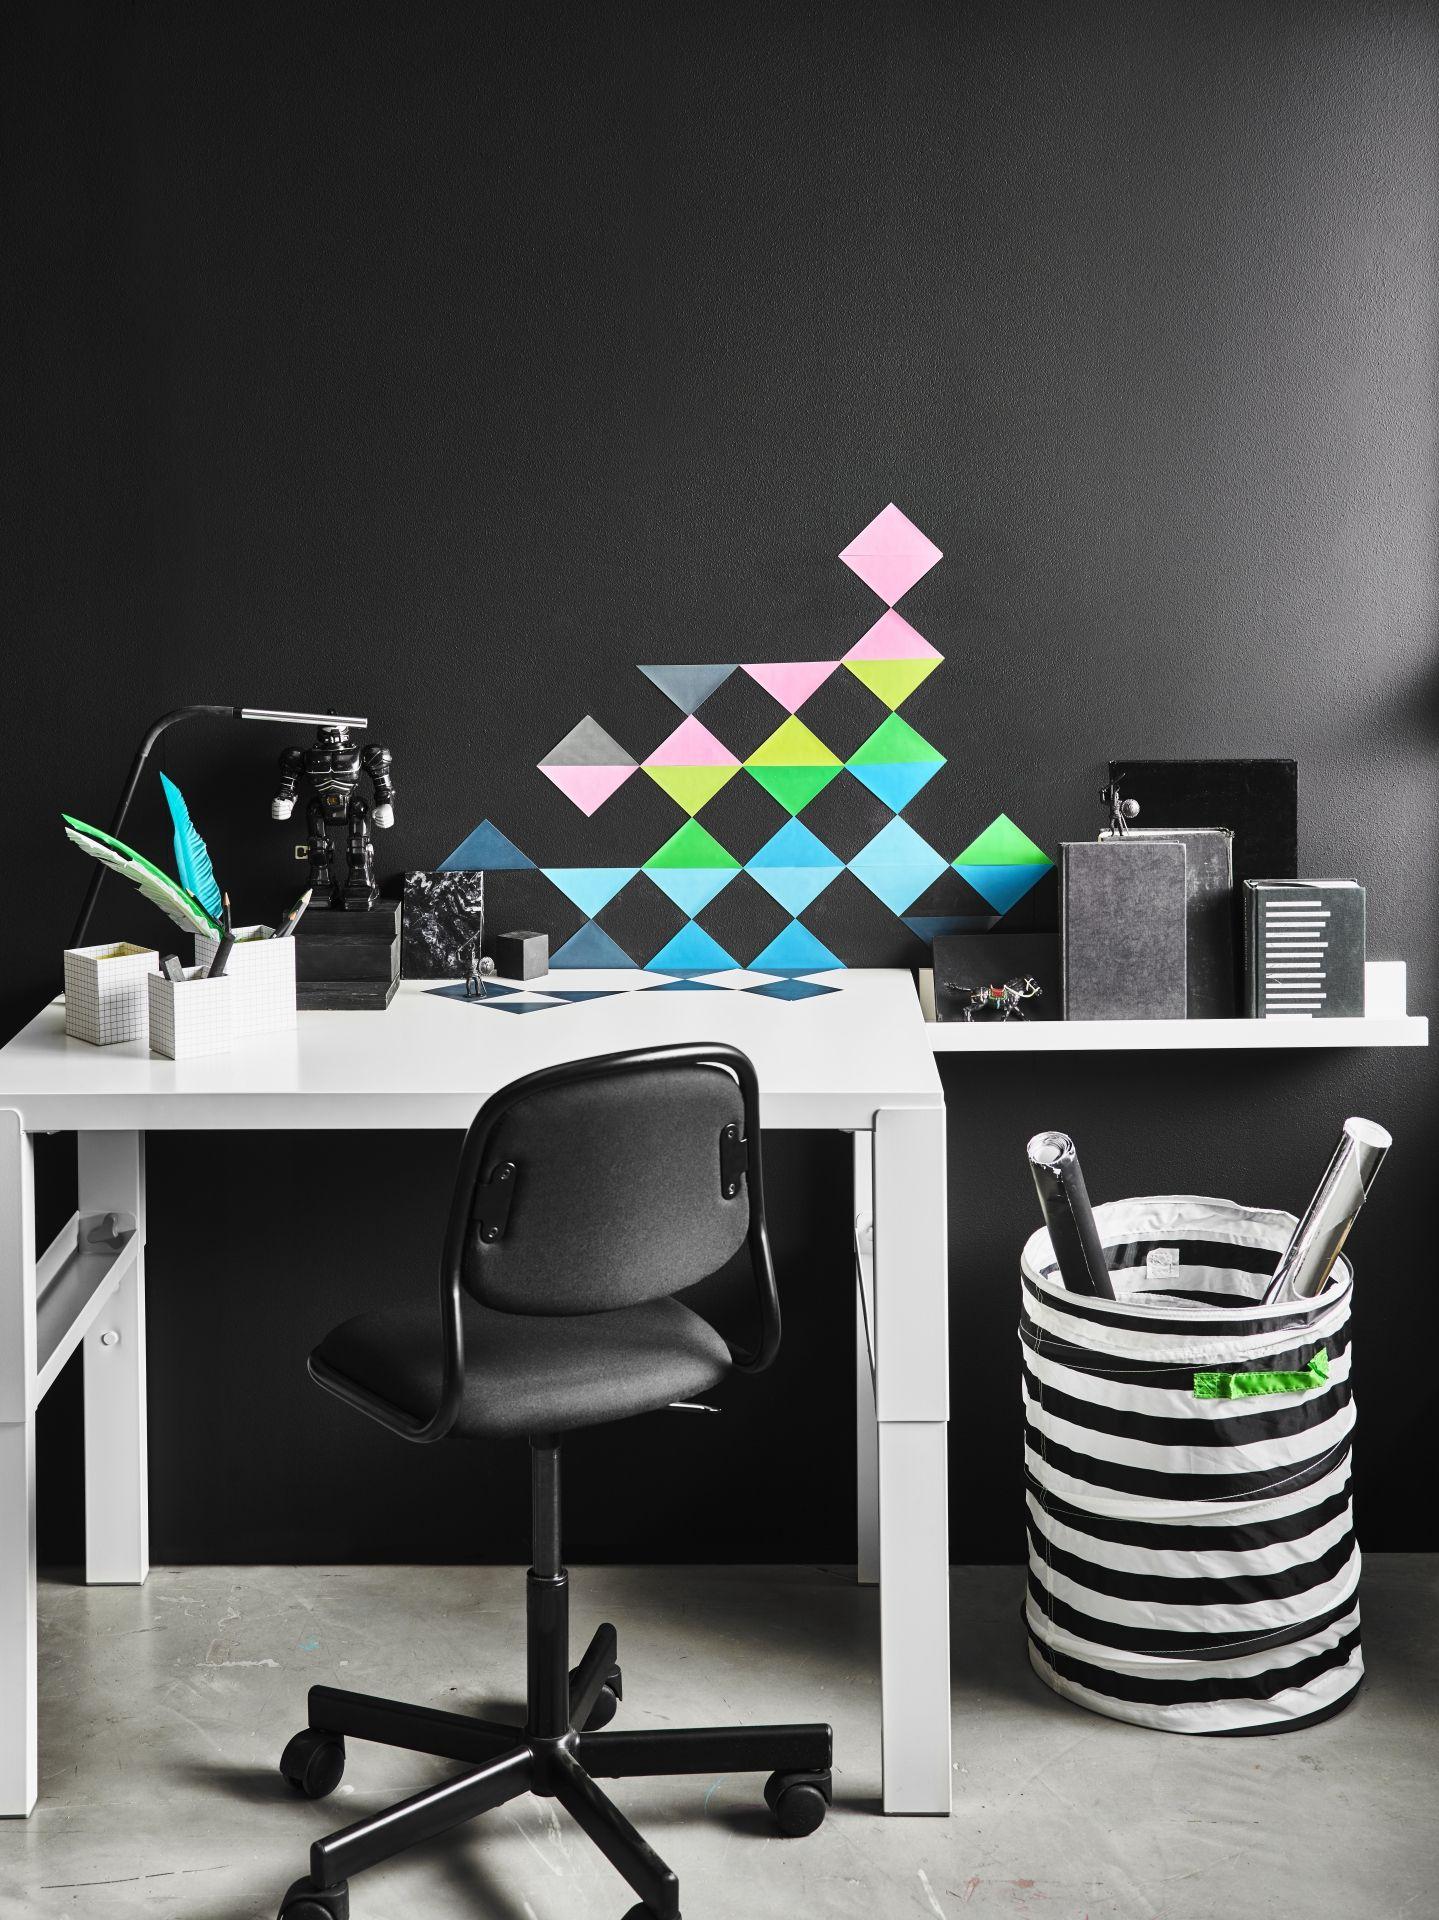 p hl schreibtisch wei gr n ikea deutschland schreibtische und ikea. Black Bedroom Furniture Sets. Home Design Ideas